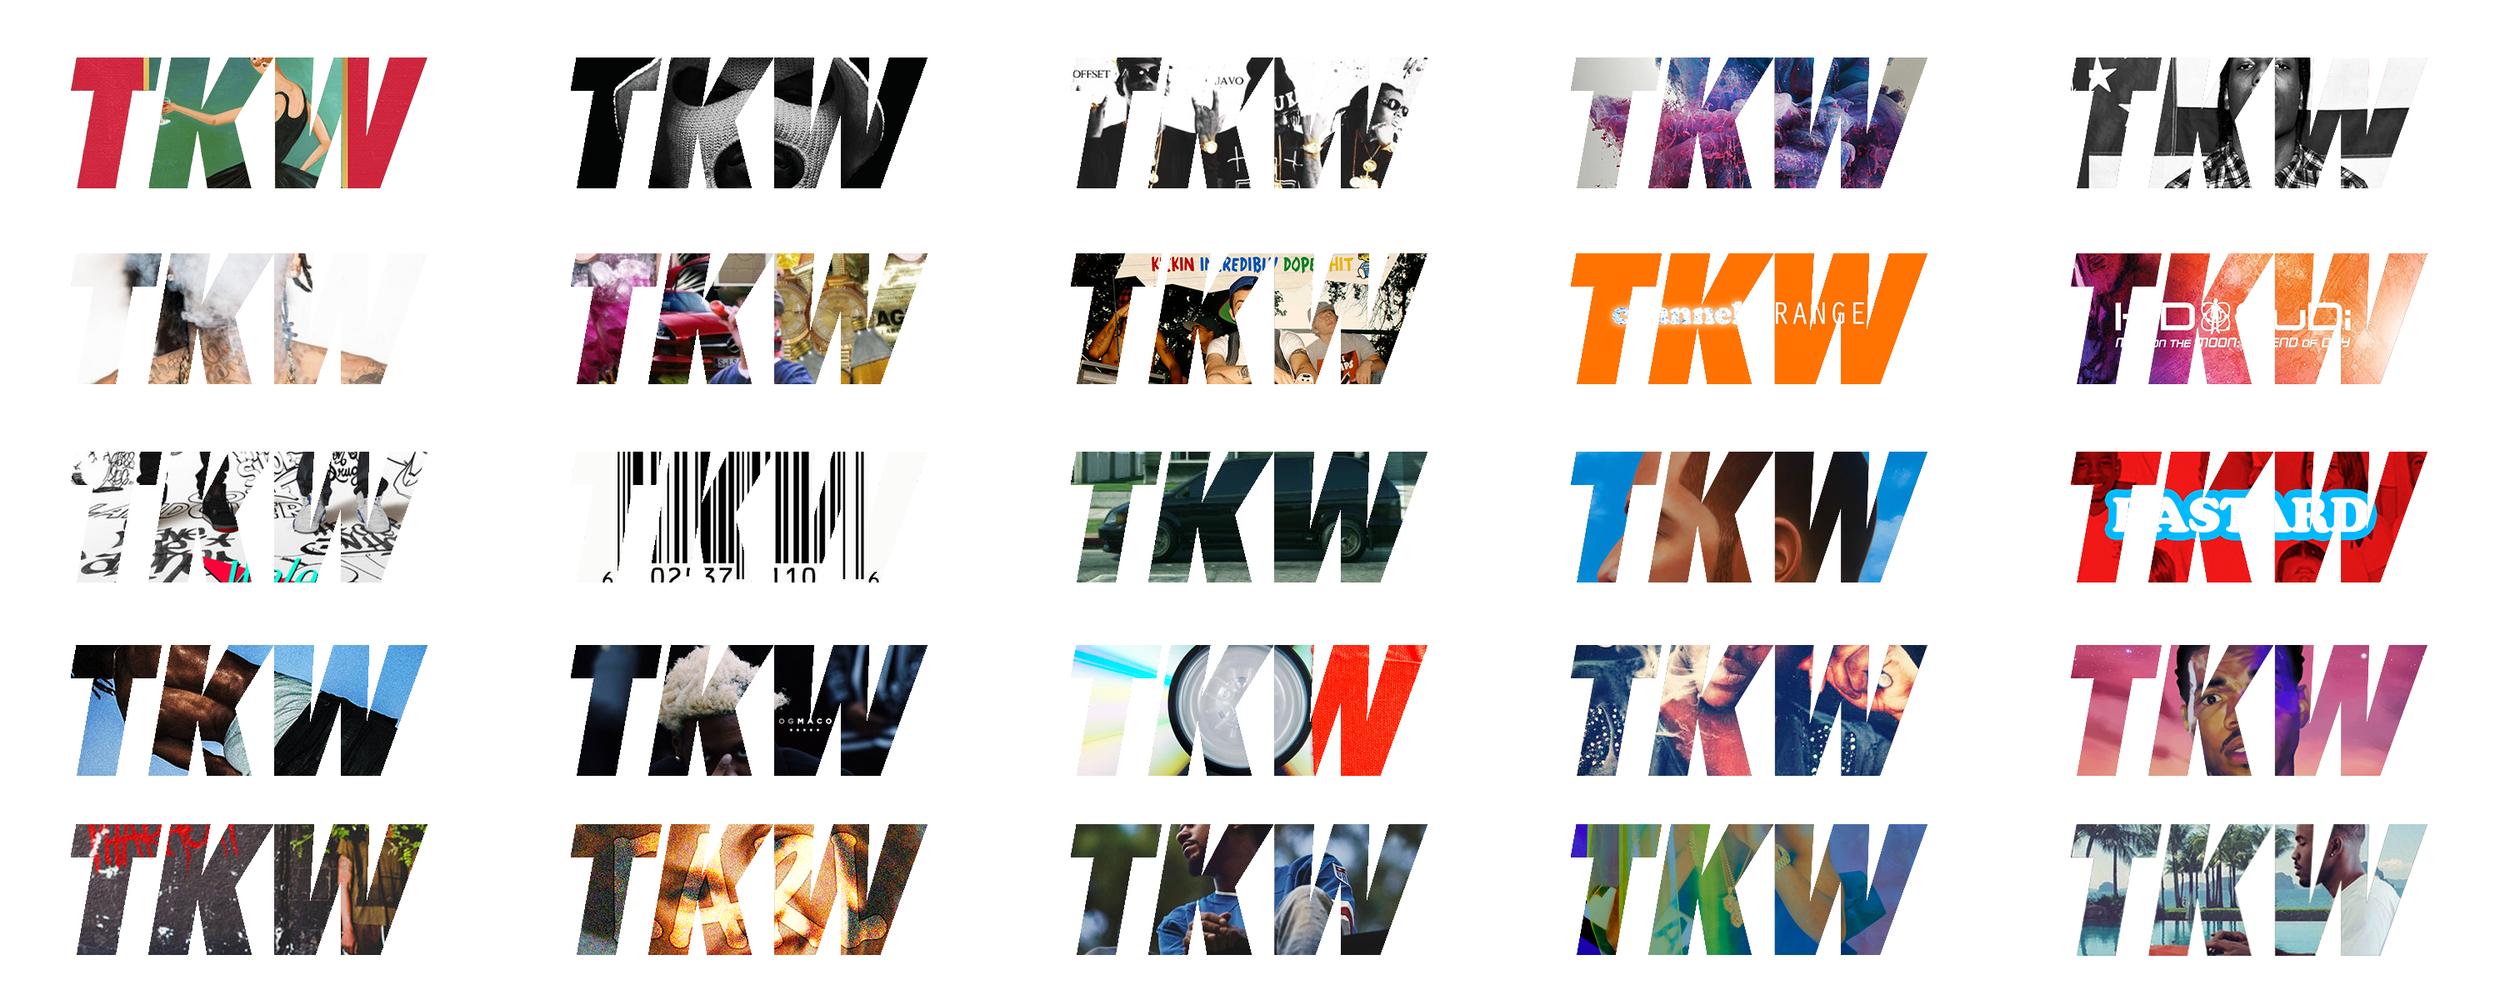 TKW LOGO AS ALBUMS